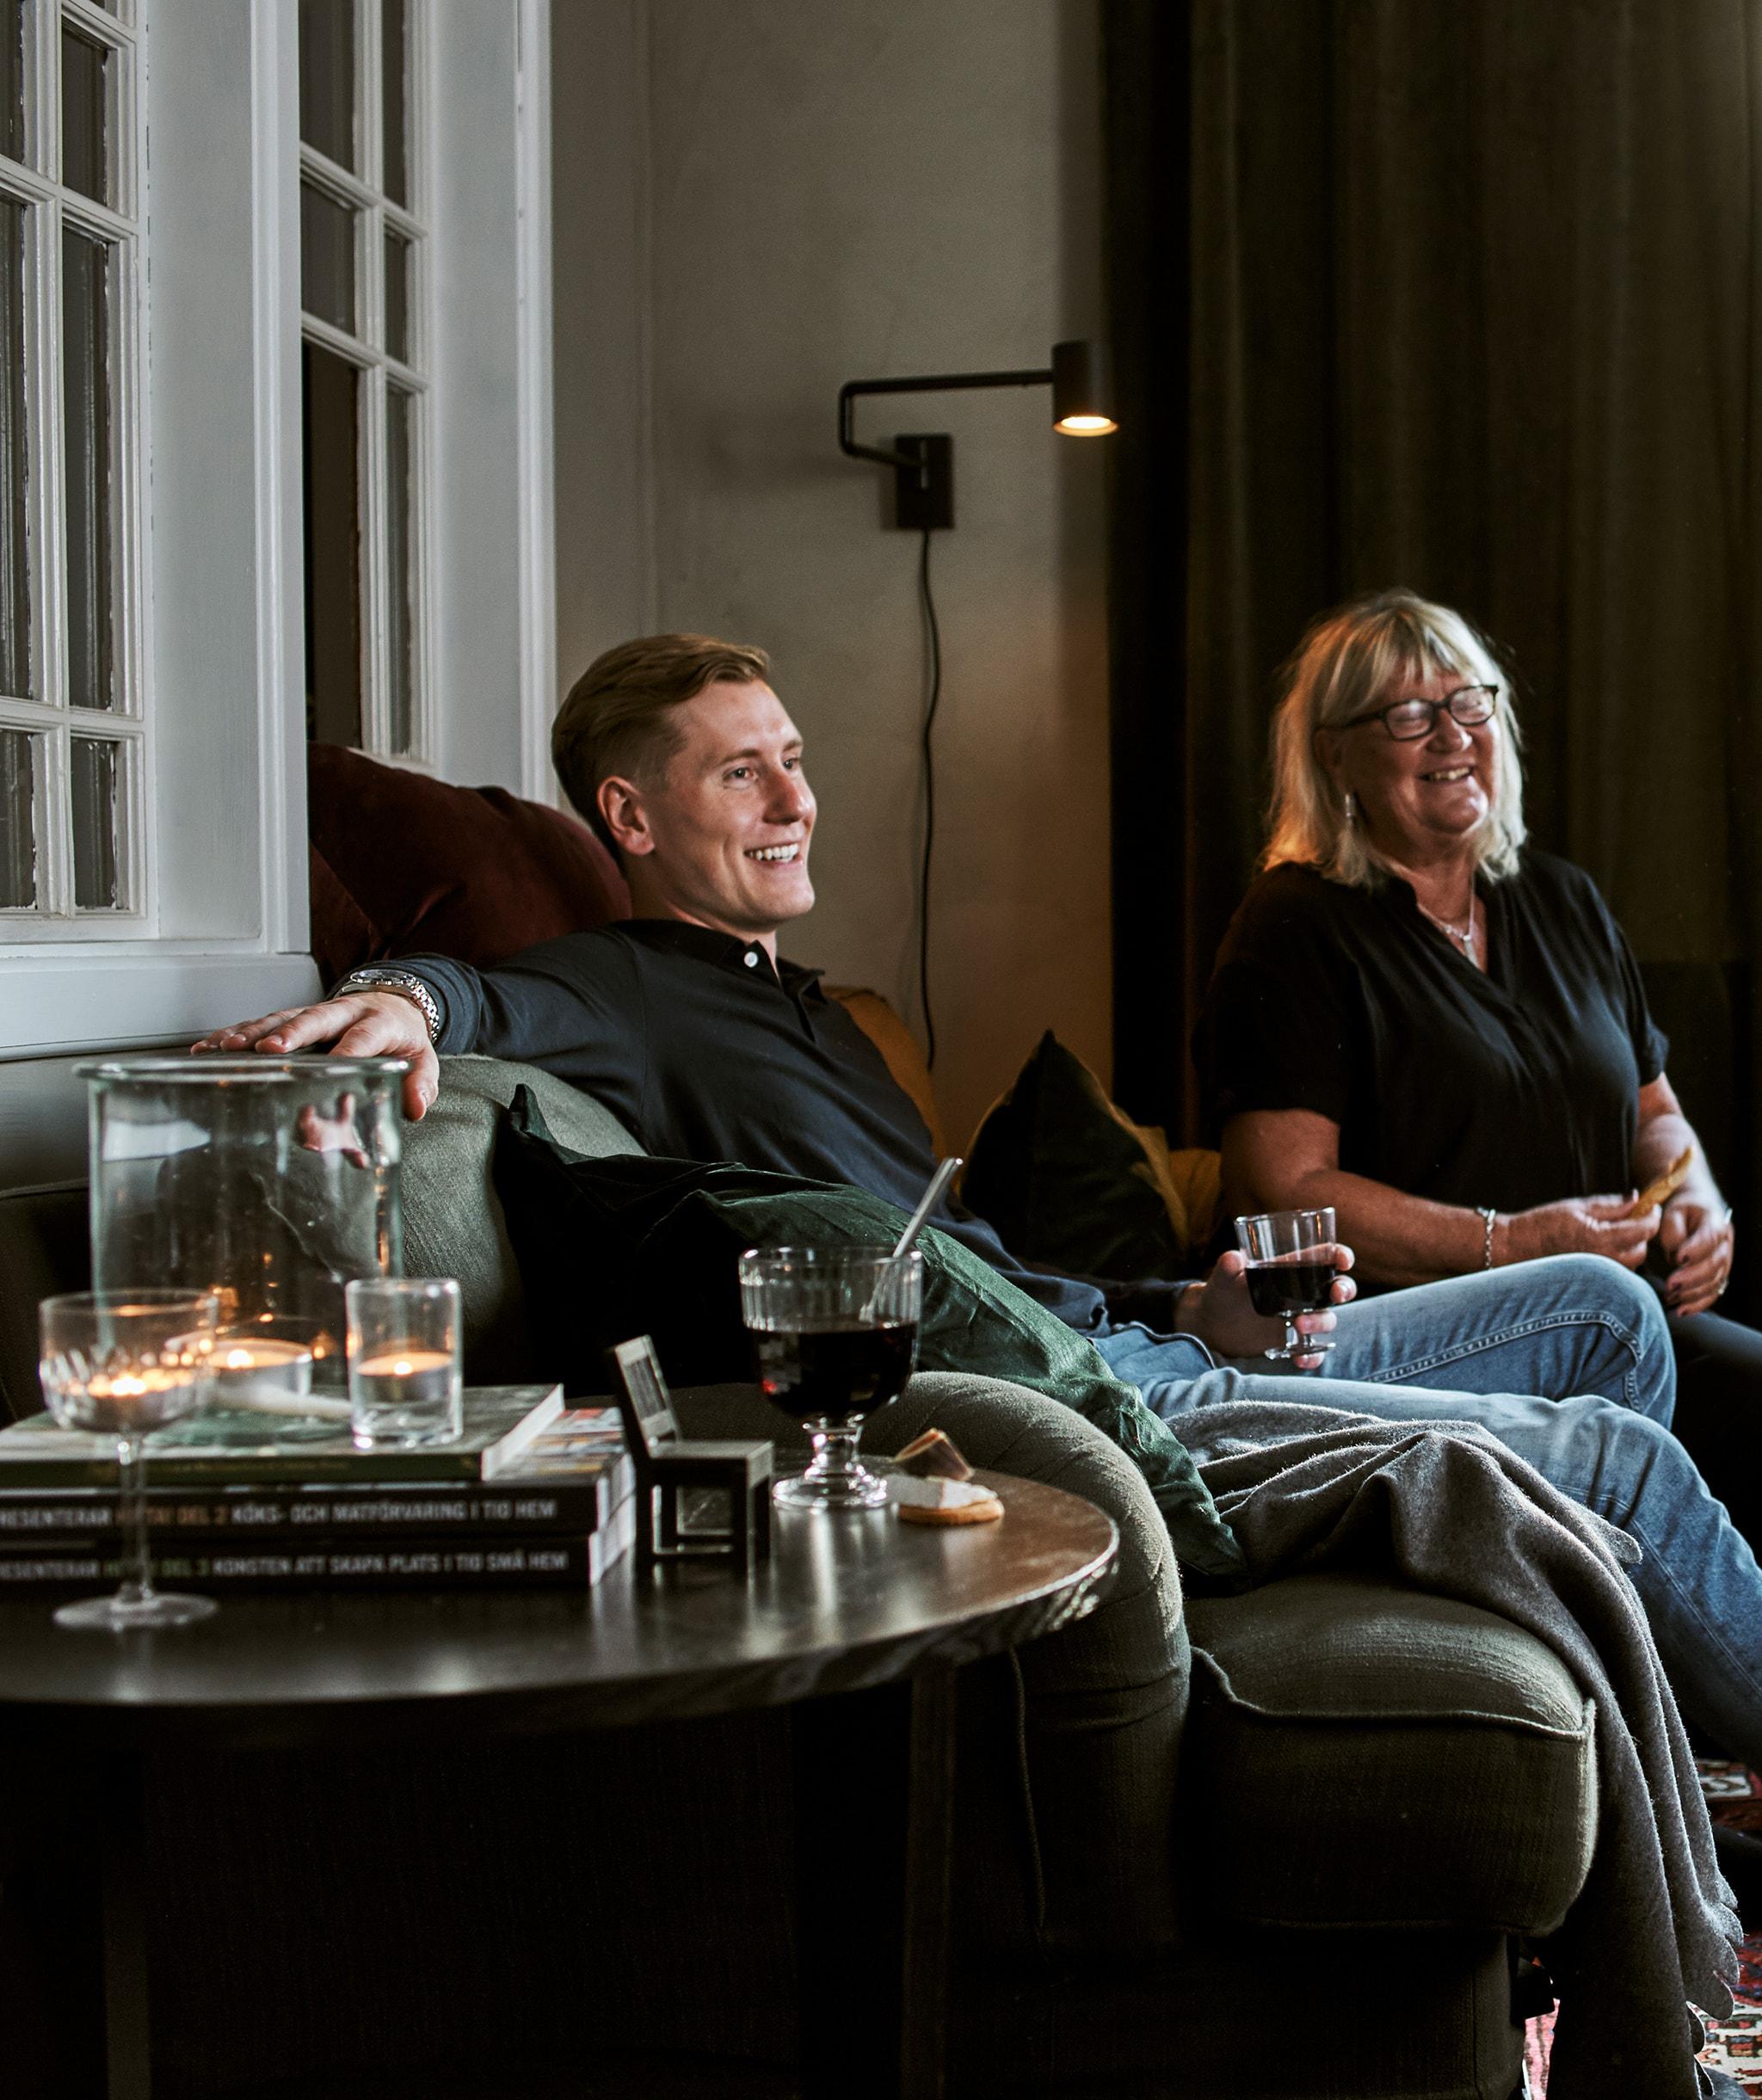 一男一女坐在綠色梳化上,梳化上有咕𠱸和暖氈,茶几上的玻璃杯內有飲品,另外還有茶燭和書。